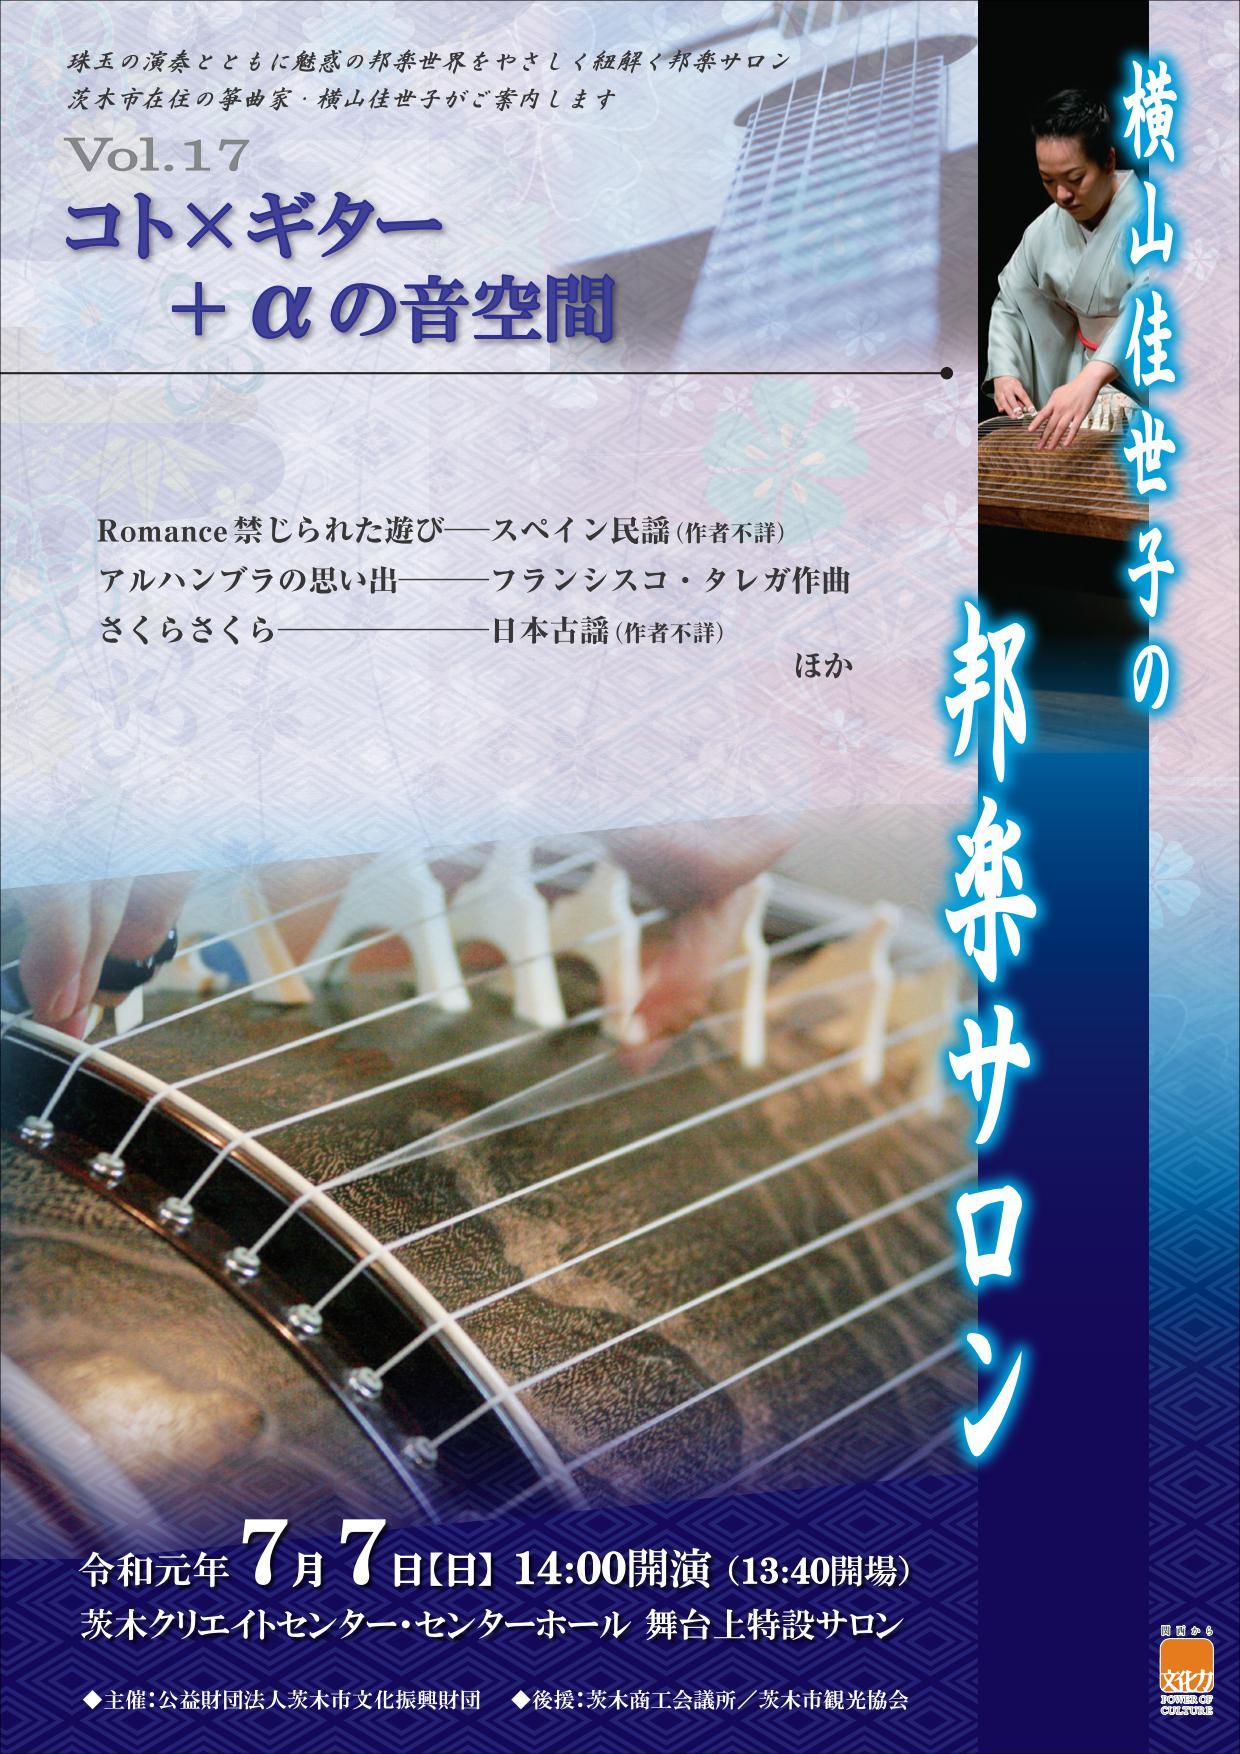 横山佳世子の邦楽サロンVol.17~コト×ギター+αの音空間